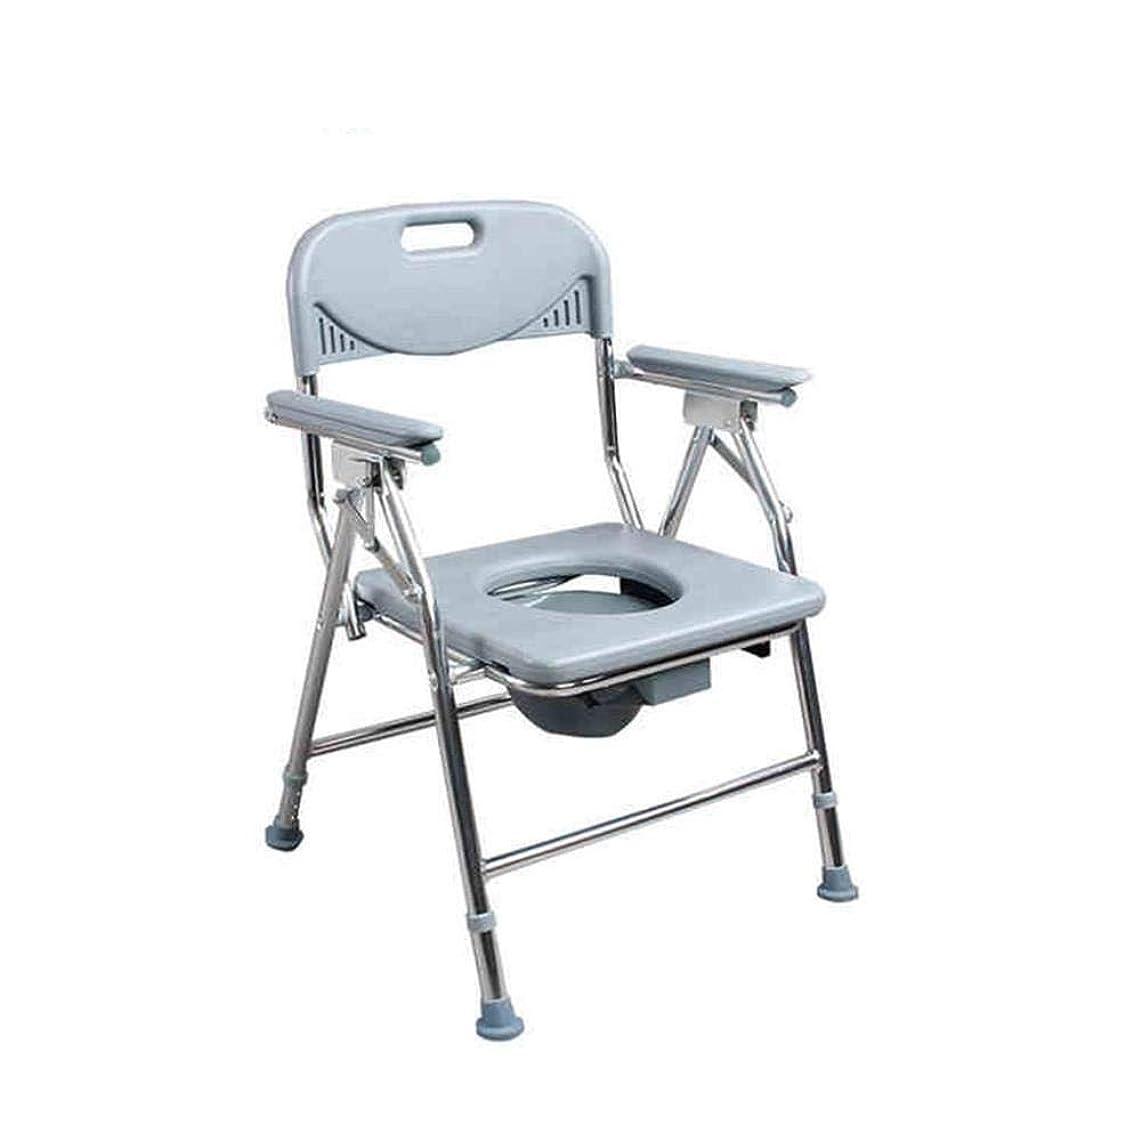 容赦ない書士に賛成上部に簡単に取り外し可能なポットを備えた折りたたみ式の便器椅子